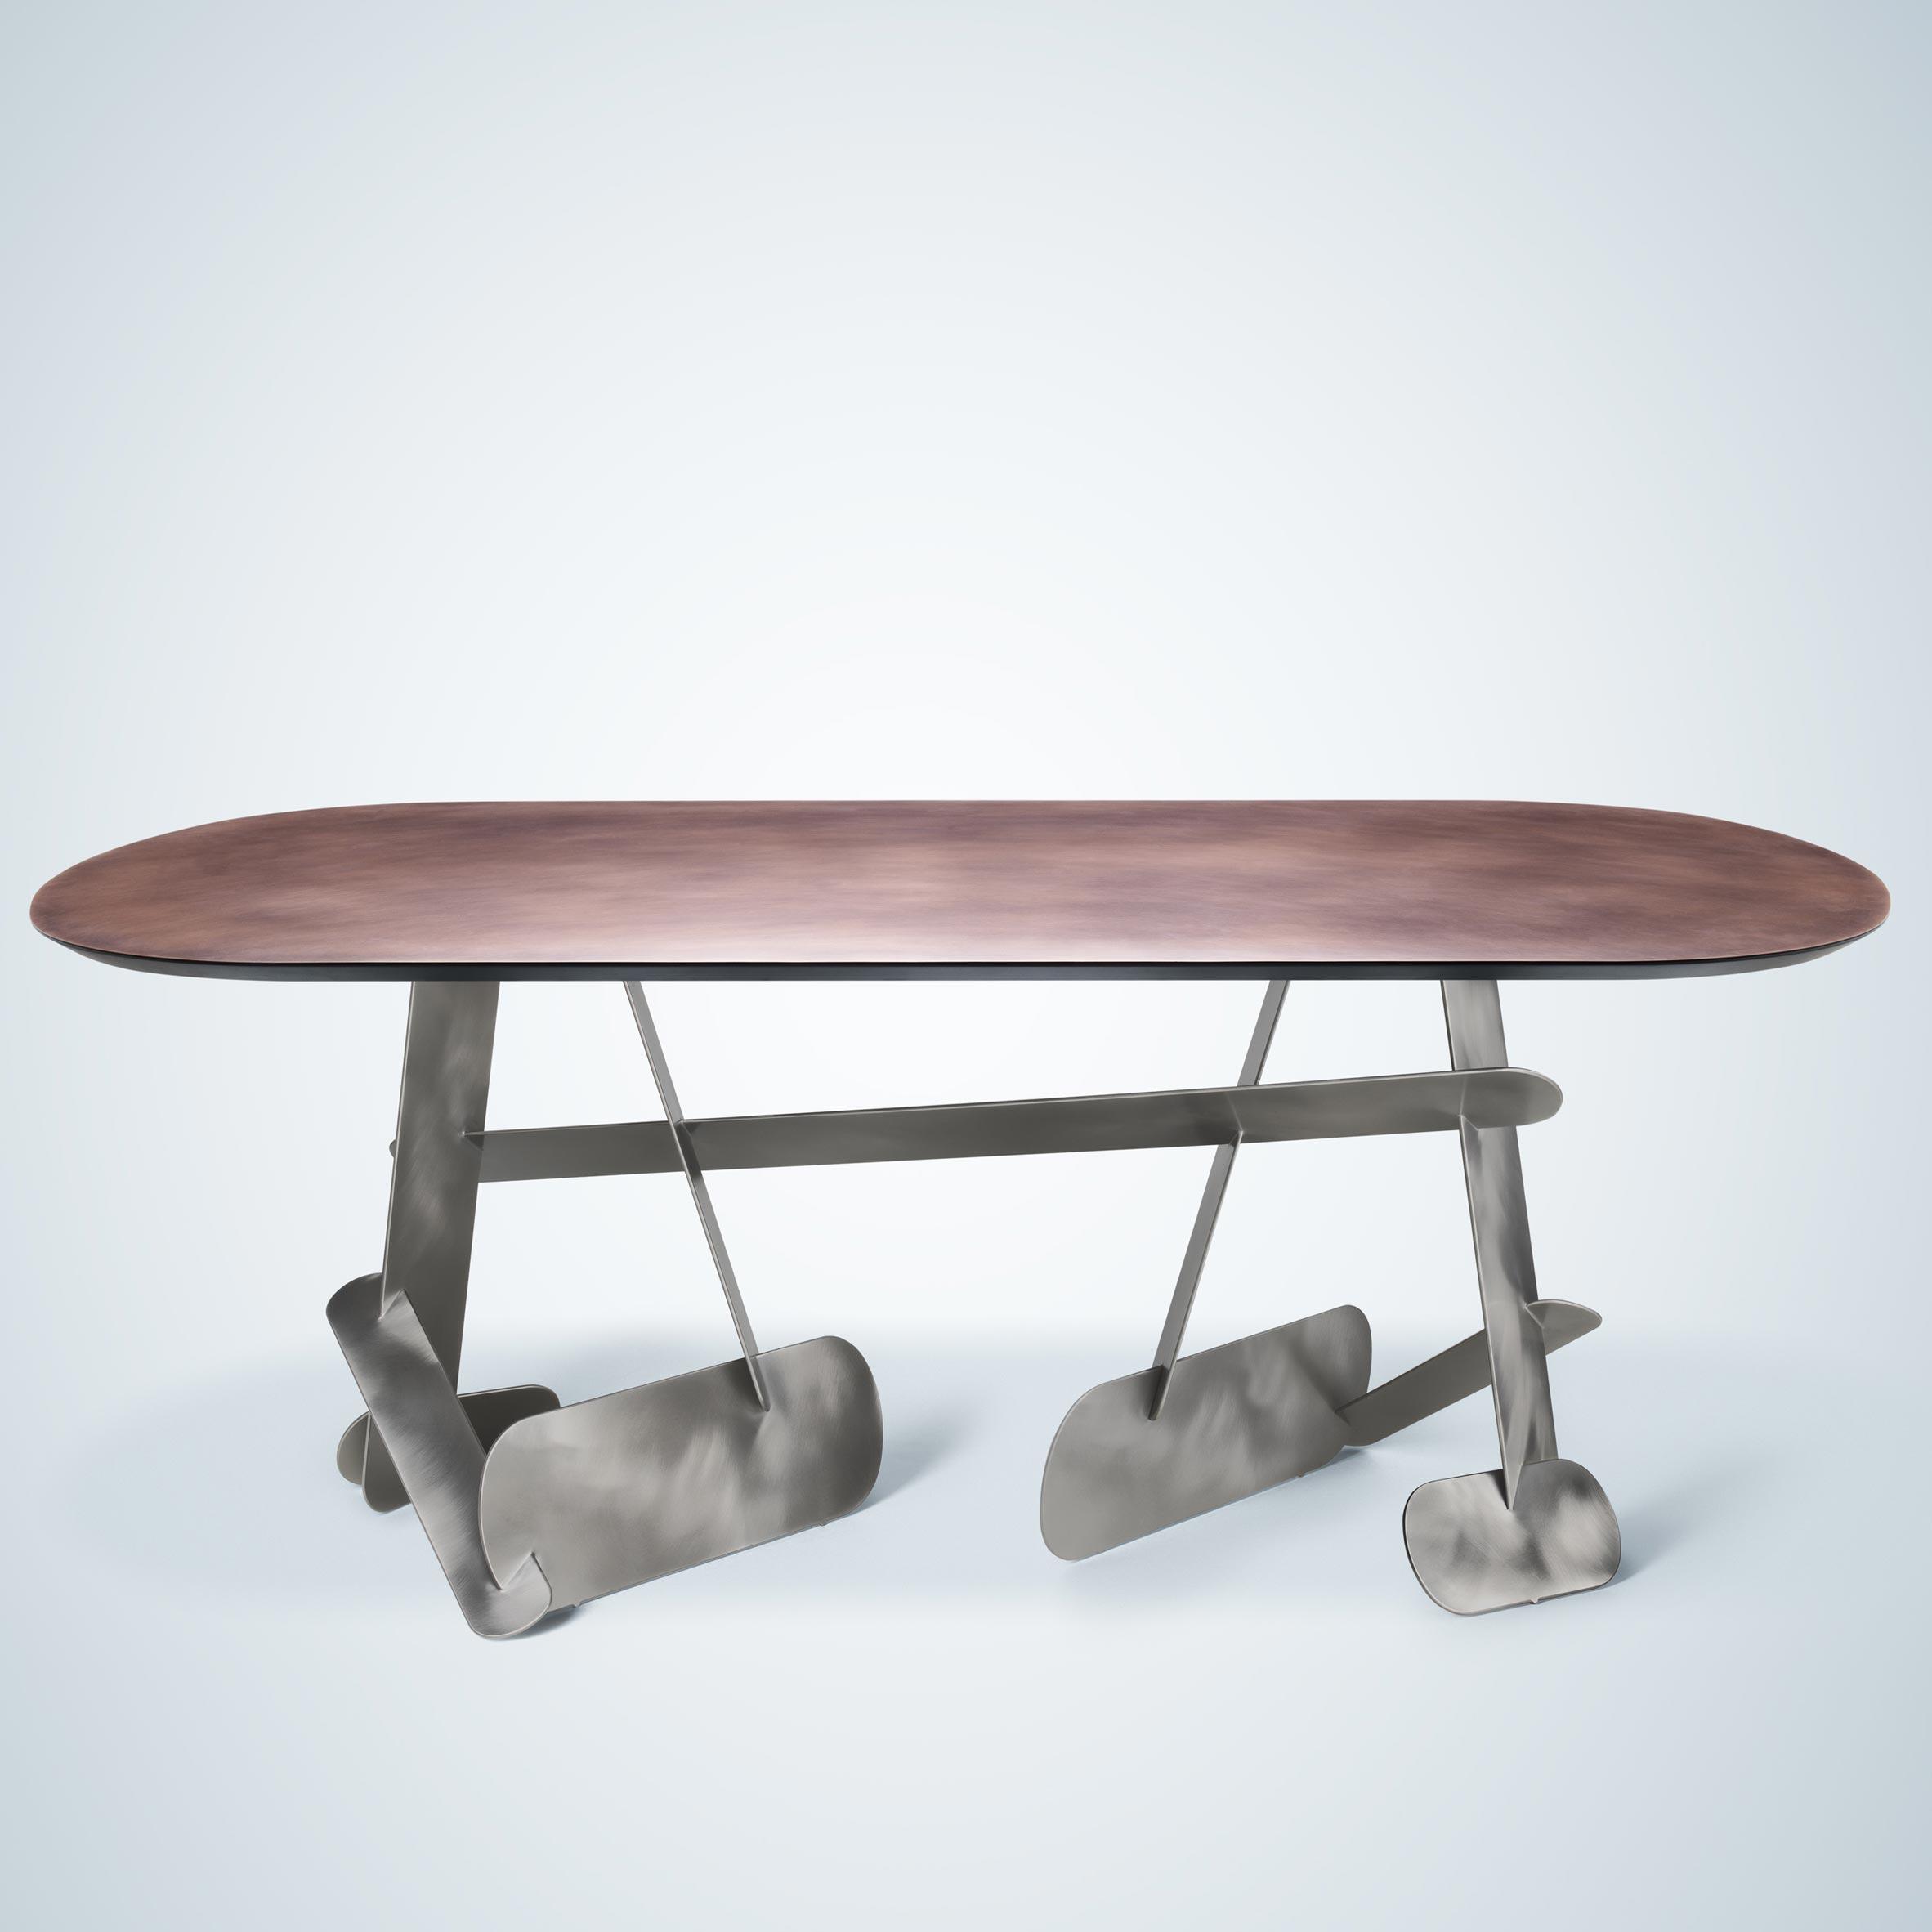 tracing-identity-milan-design-week-furniture_dezeen_guisset_volte_2364_col_sq-3